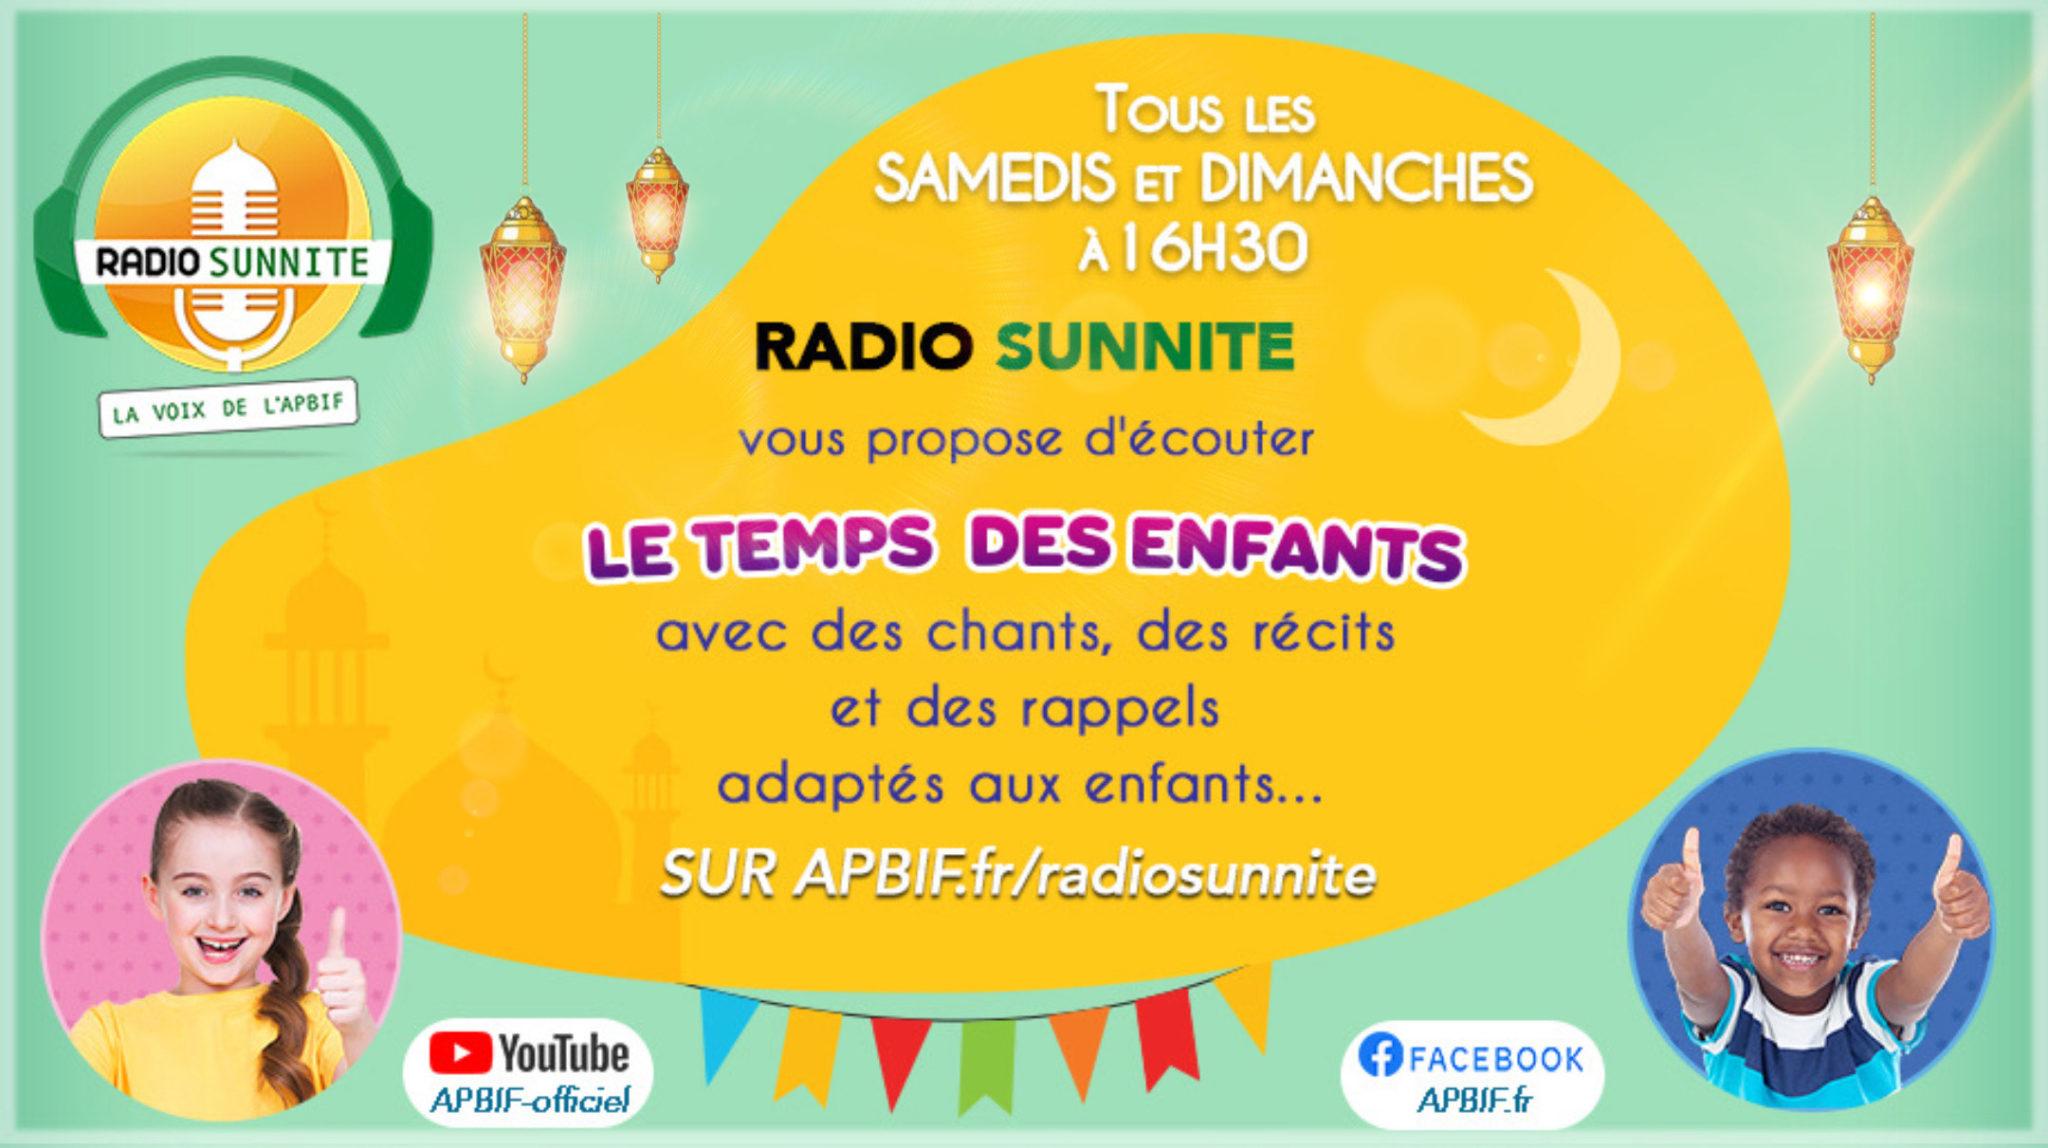 LE TEMPS DES ENFANTS : concours LES JOYAUX DE RAMADAN